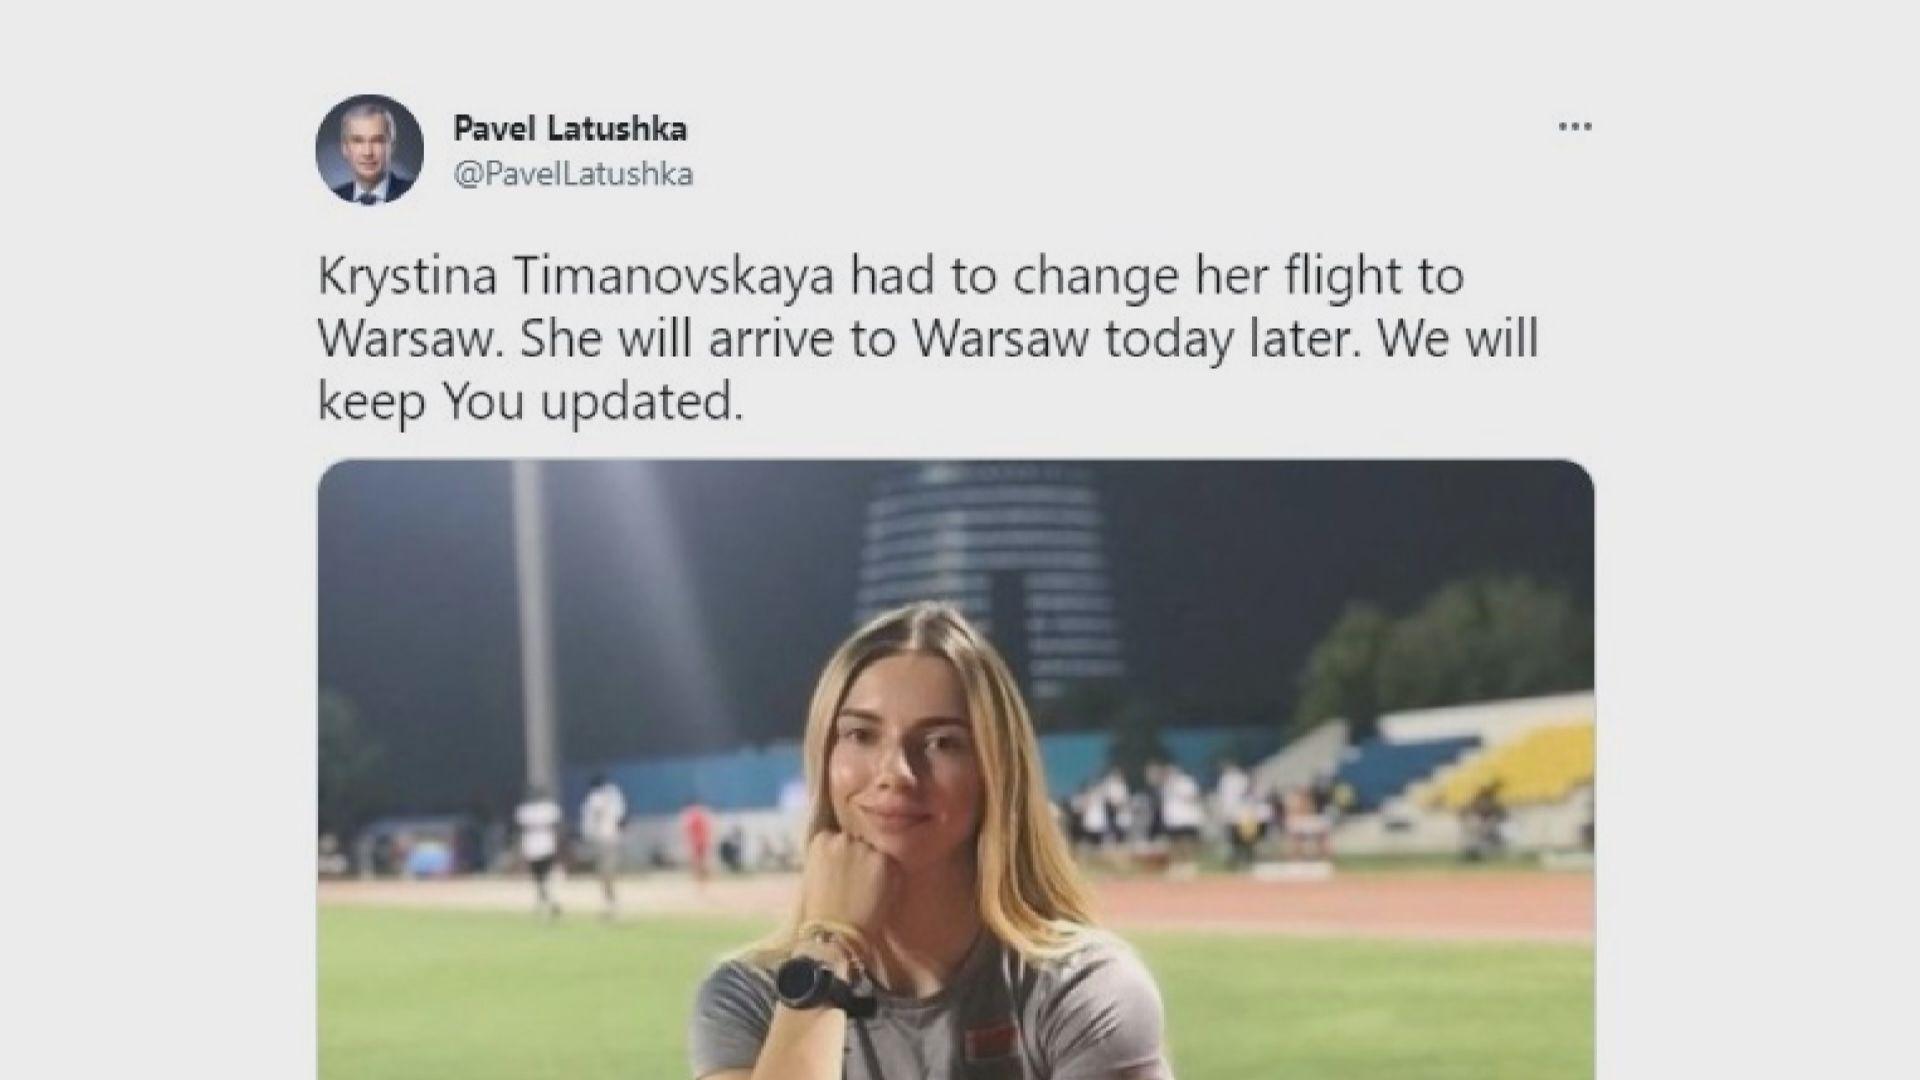 白俄奧運女跑手基於安全考慮改飛維也納